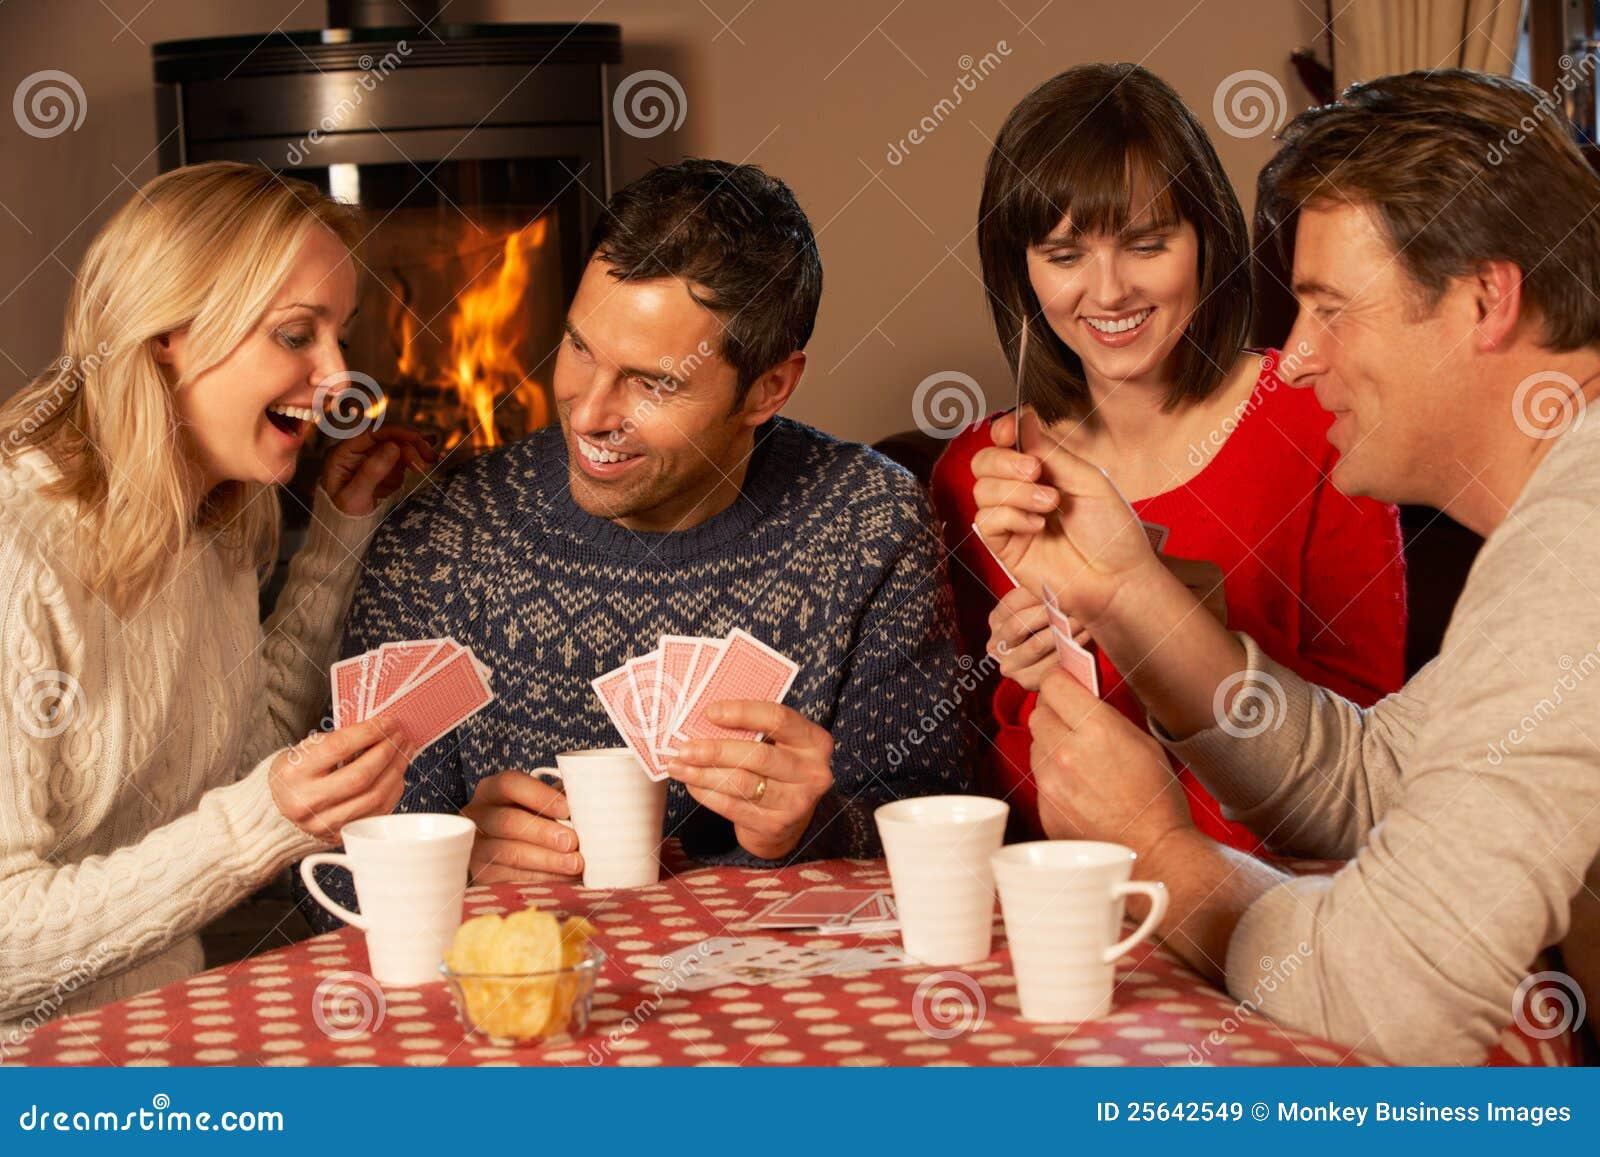 Супружеские пары играют в карты 0 фотография